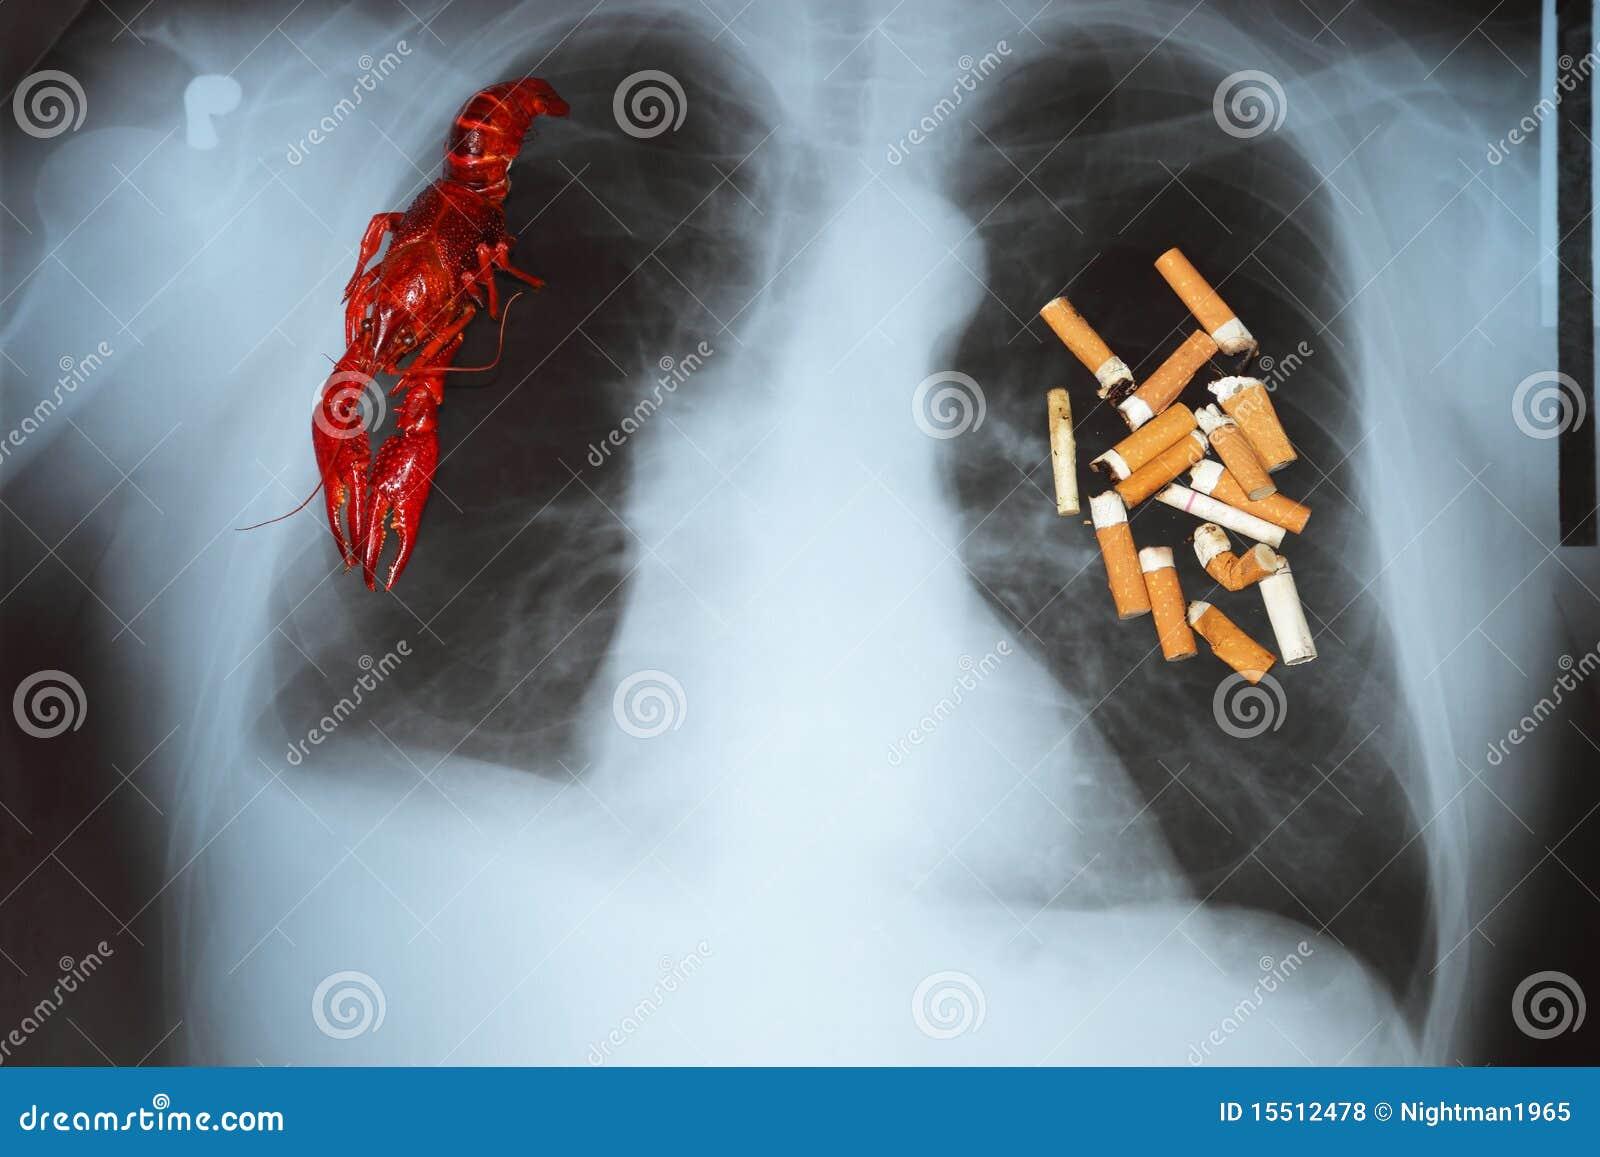 Fotos de archivo libres de regalías: Cáncer de pulmón